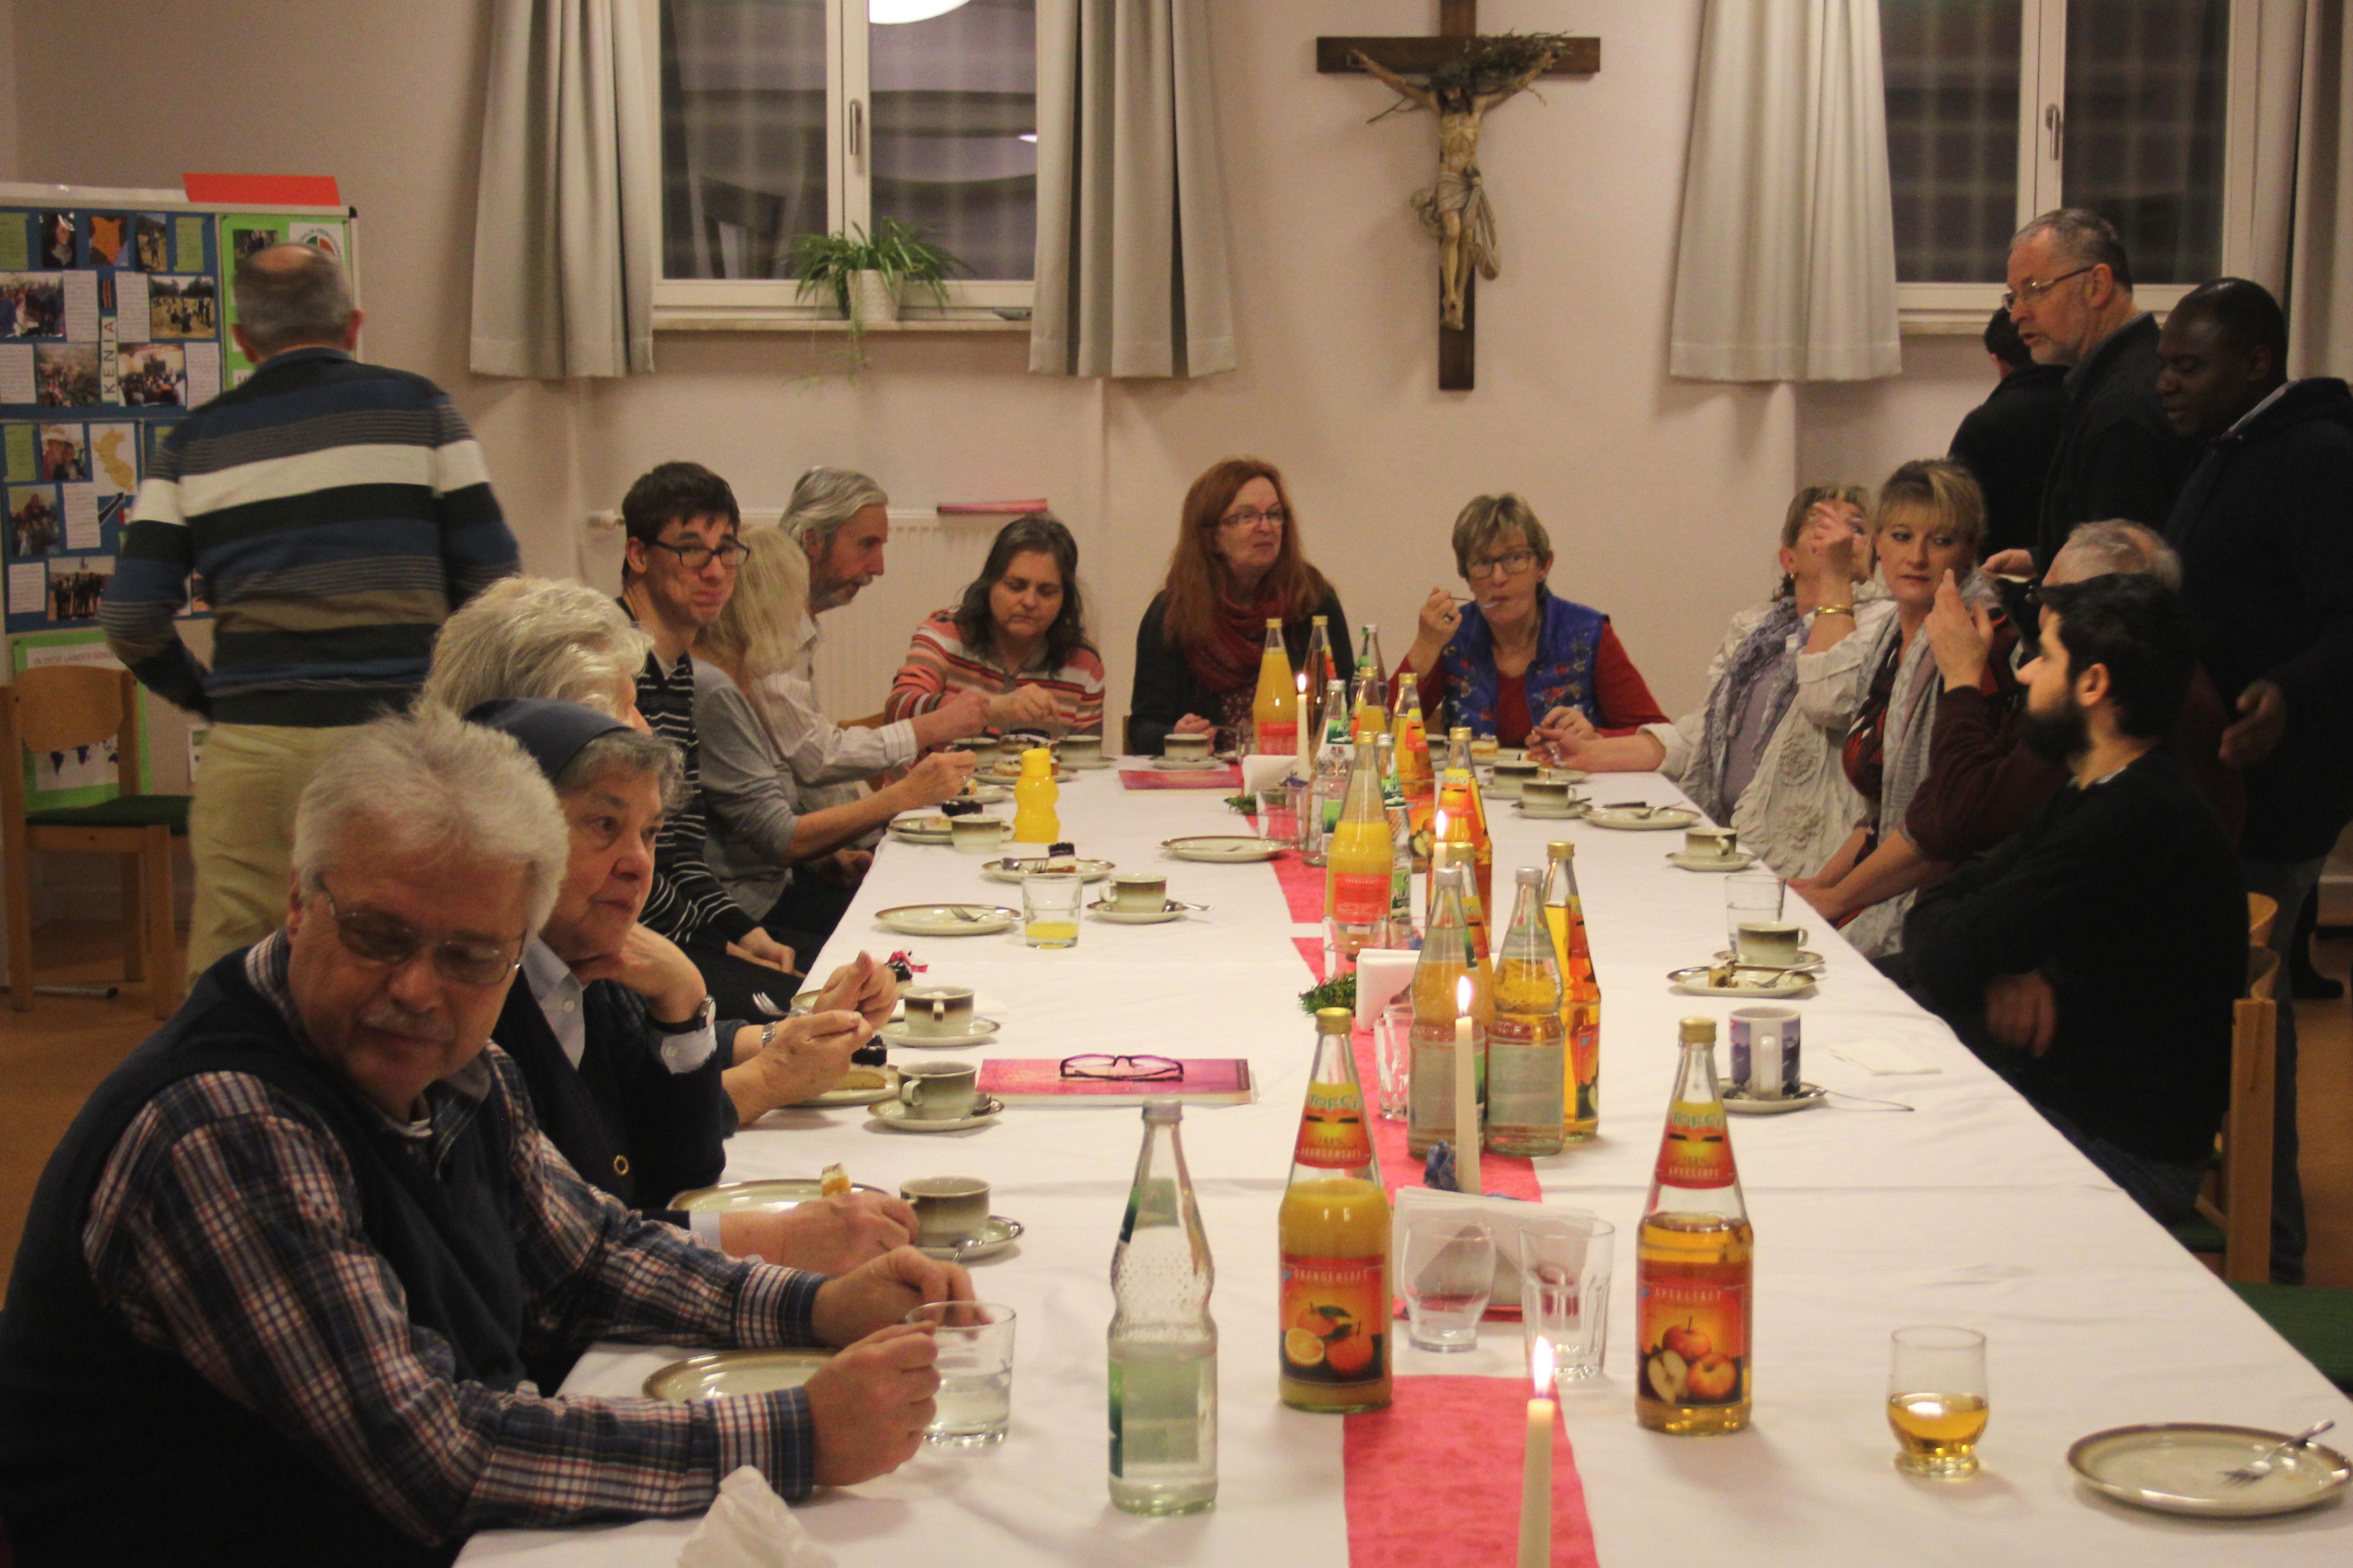 Viele Gäste waren zur Abschiedsfeier gekommen